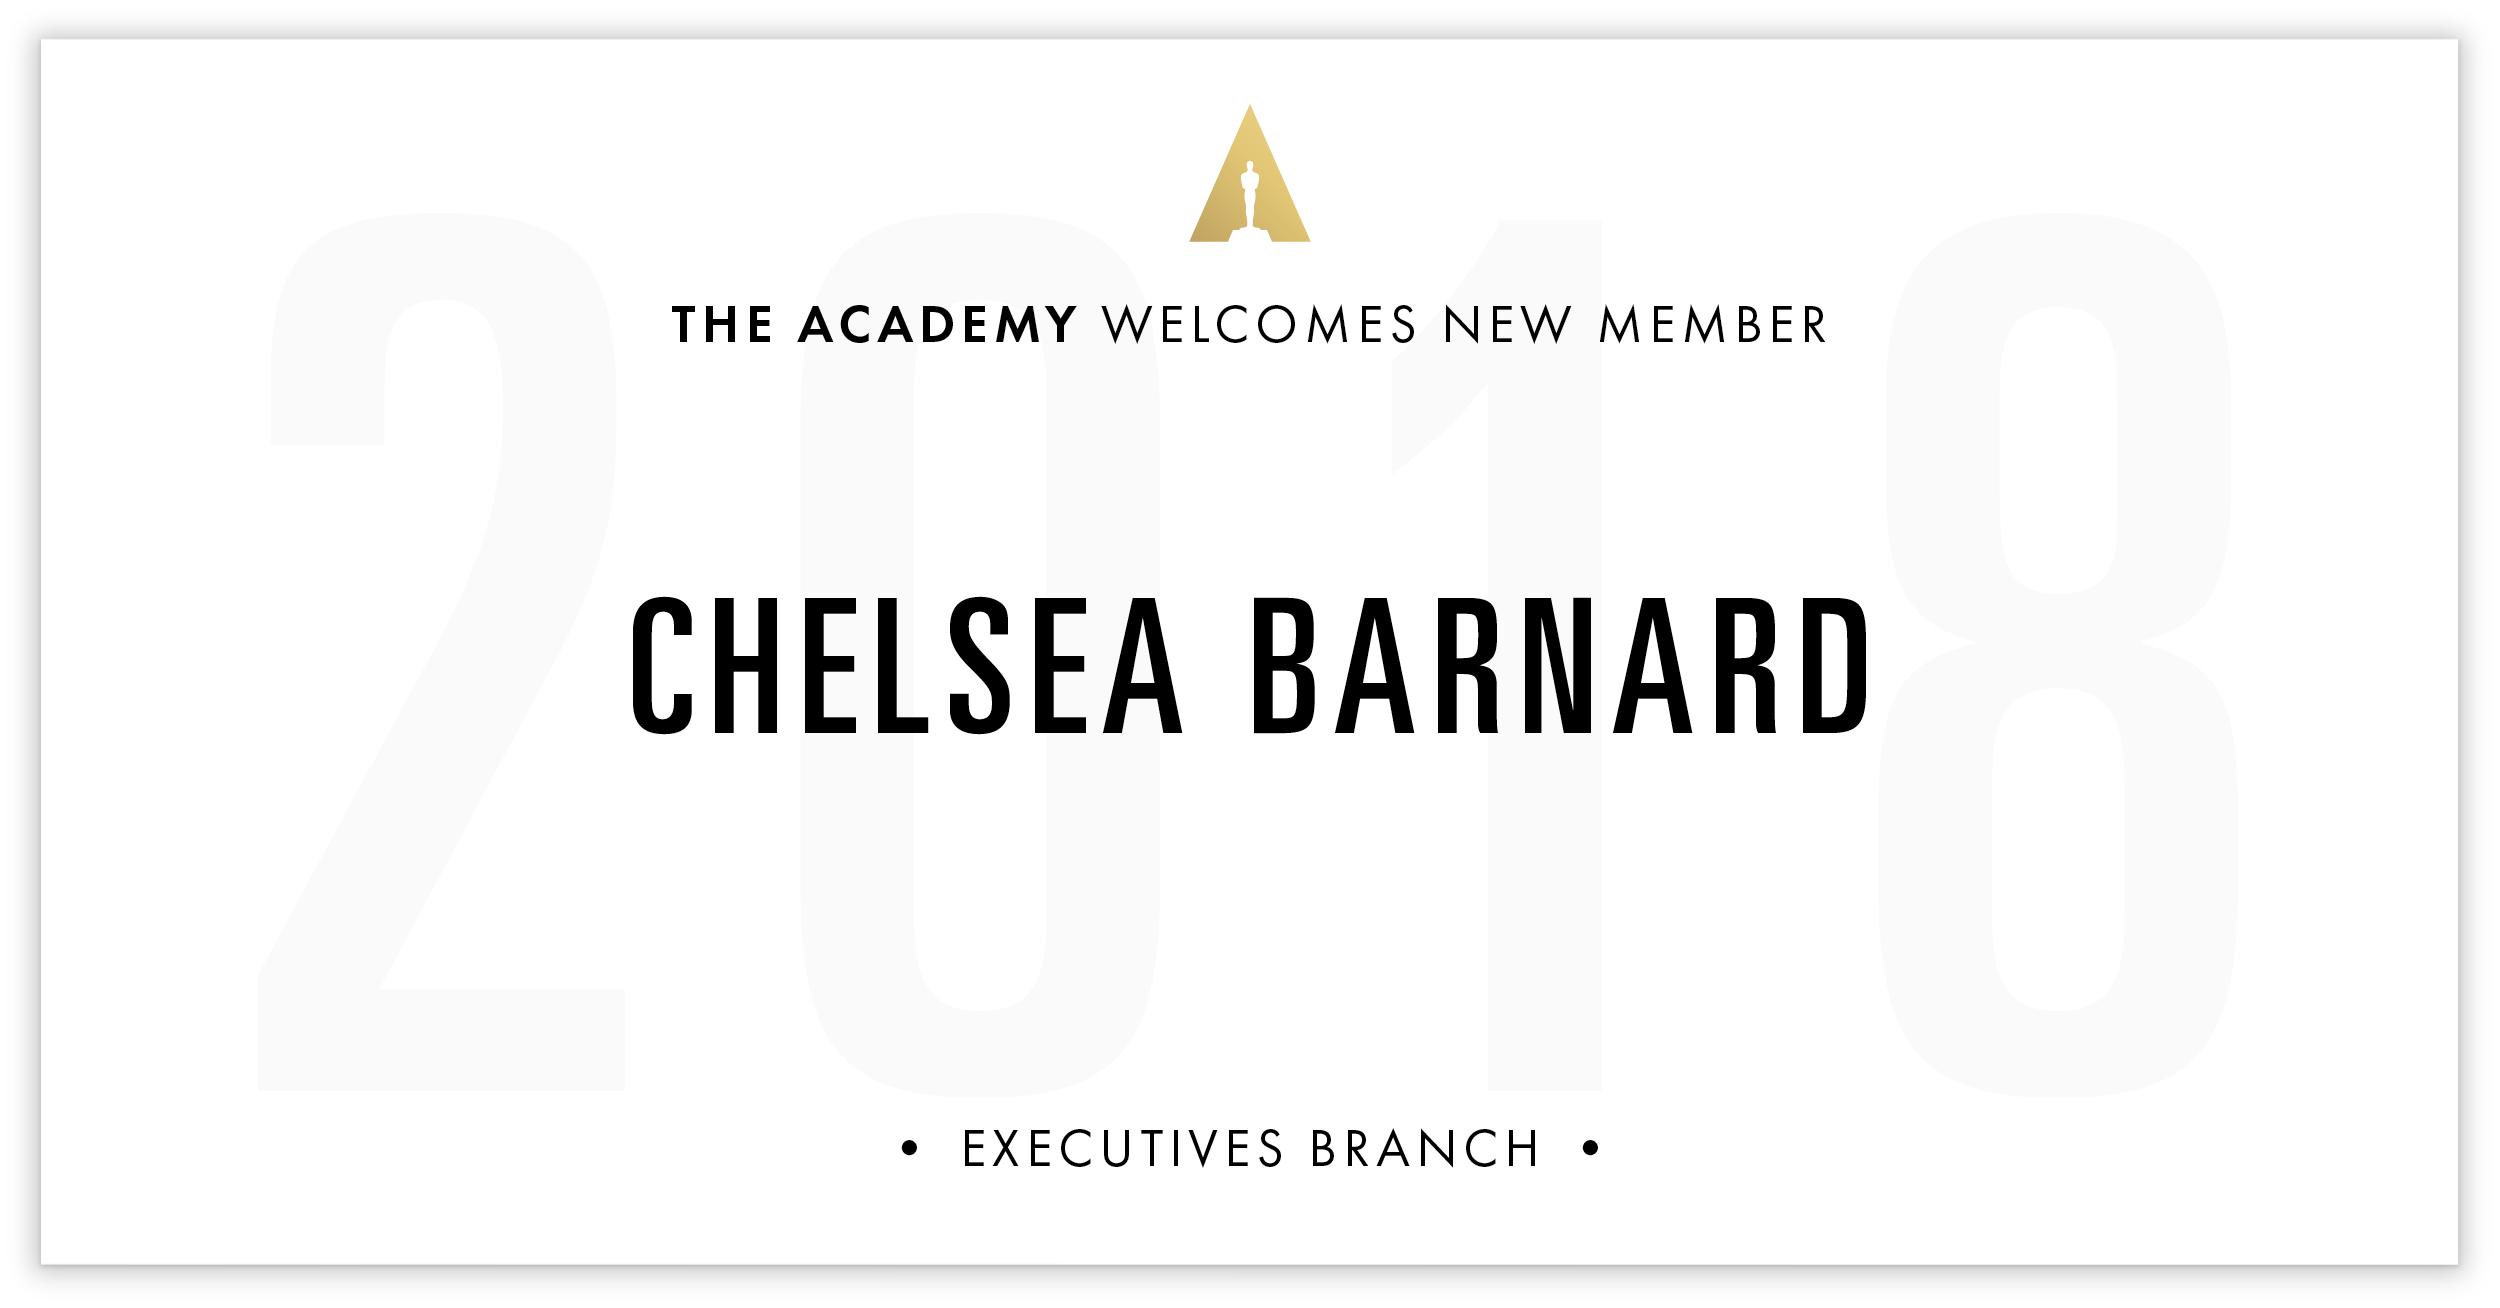 Chelsea Barnard is invited!